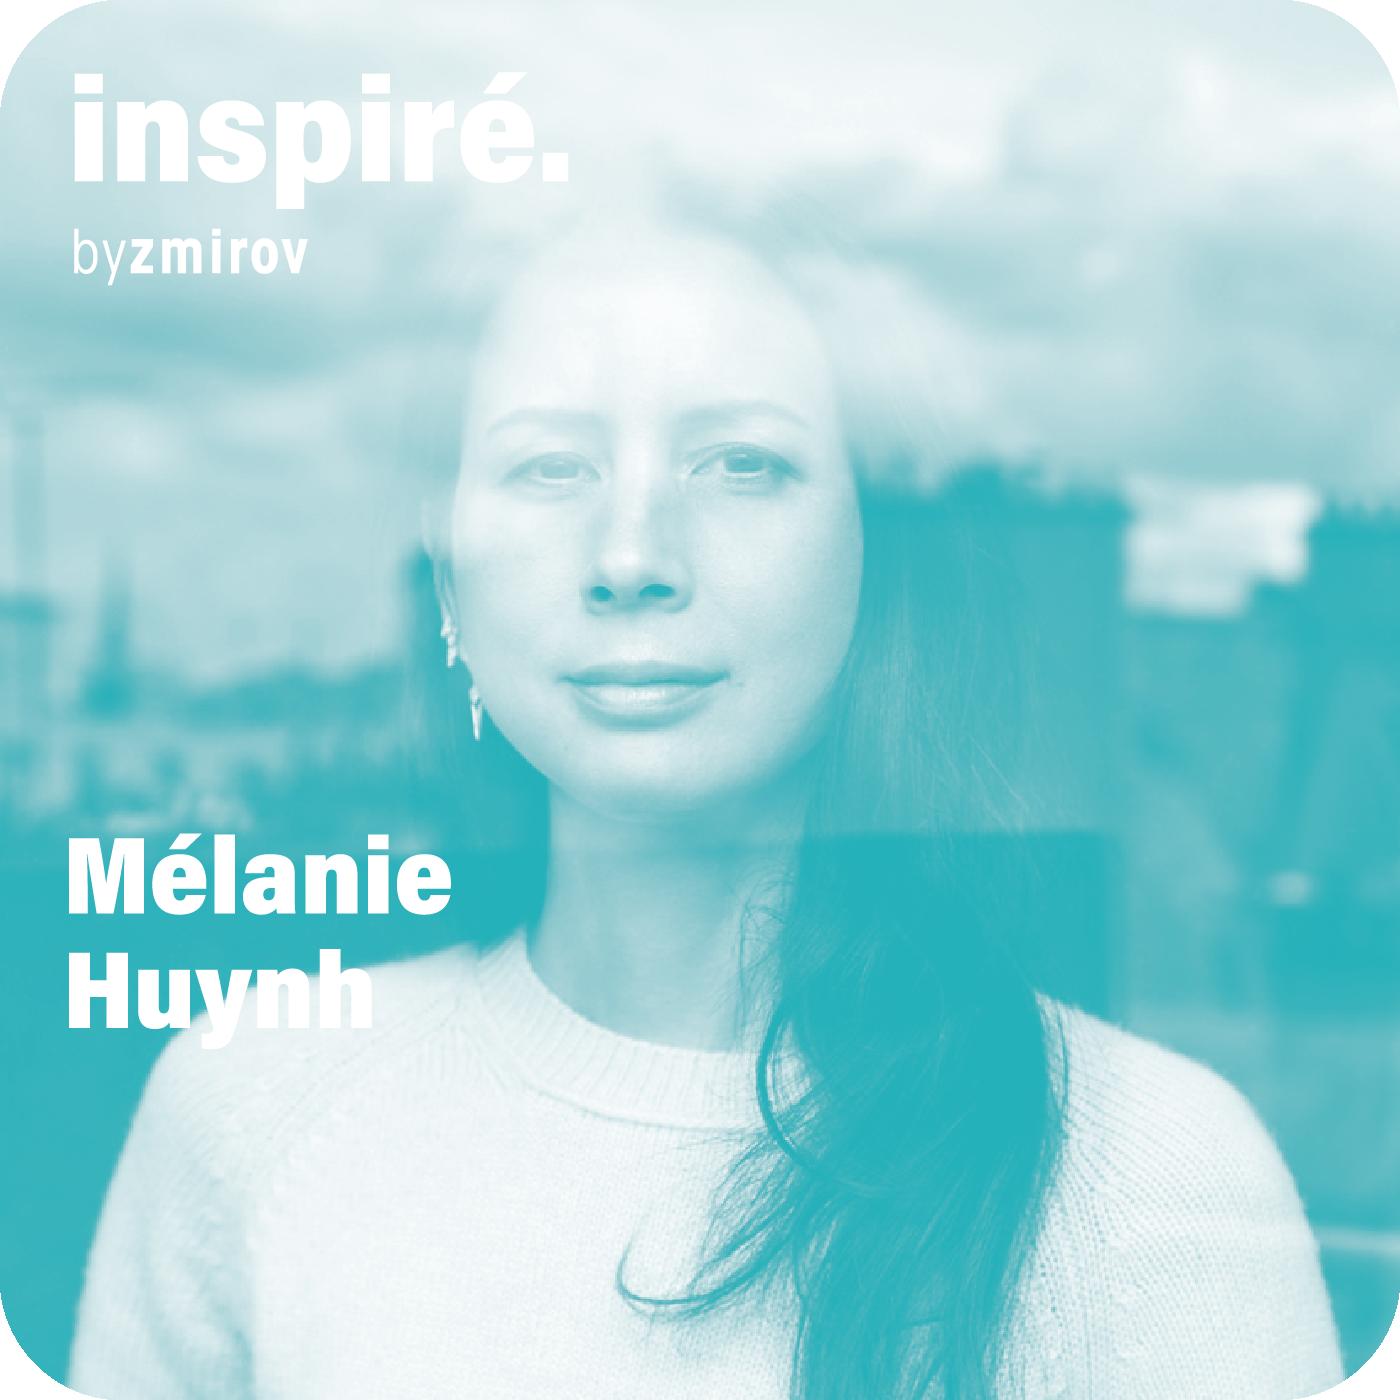 Mélanie Huynh